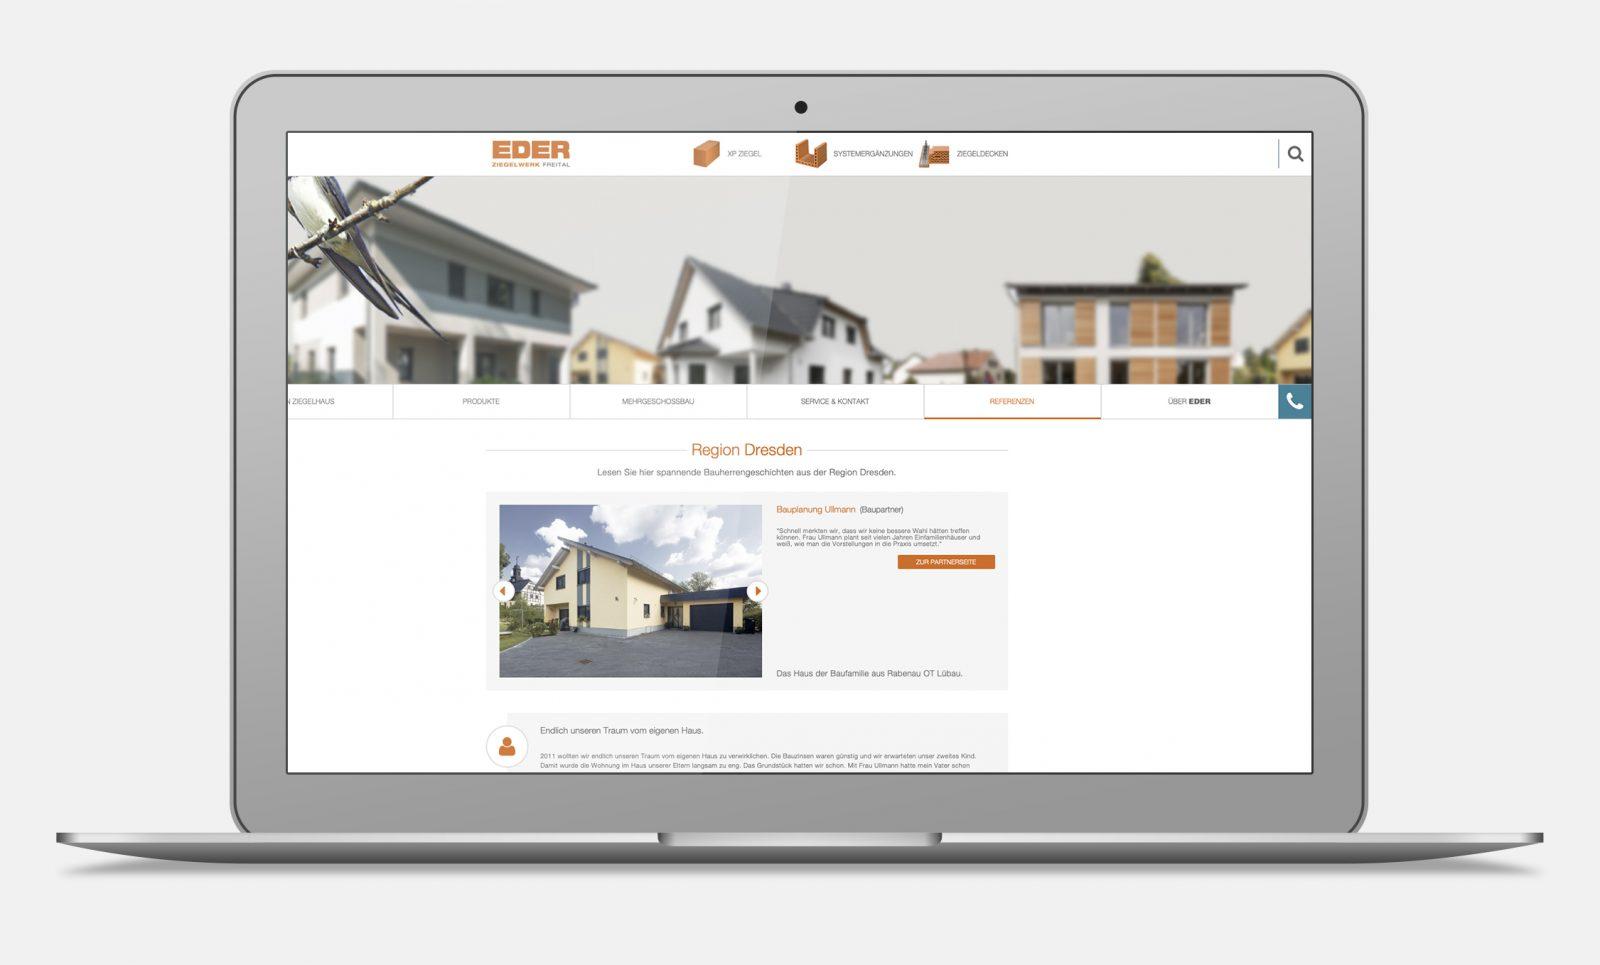 Webseite von Ziegel Eder von architekturfotografien